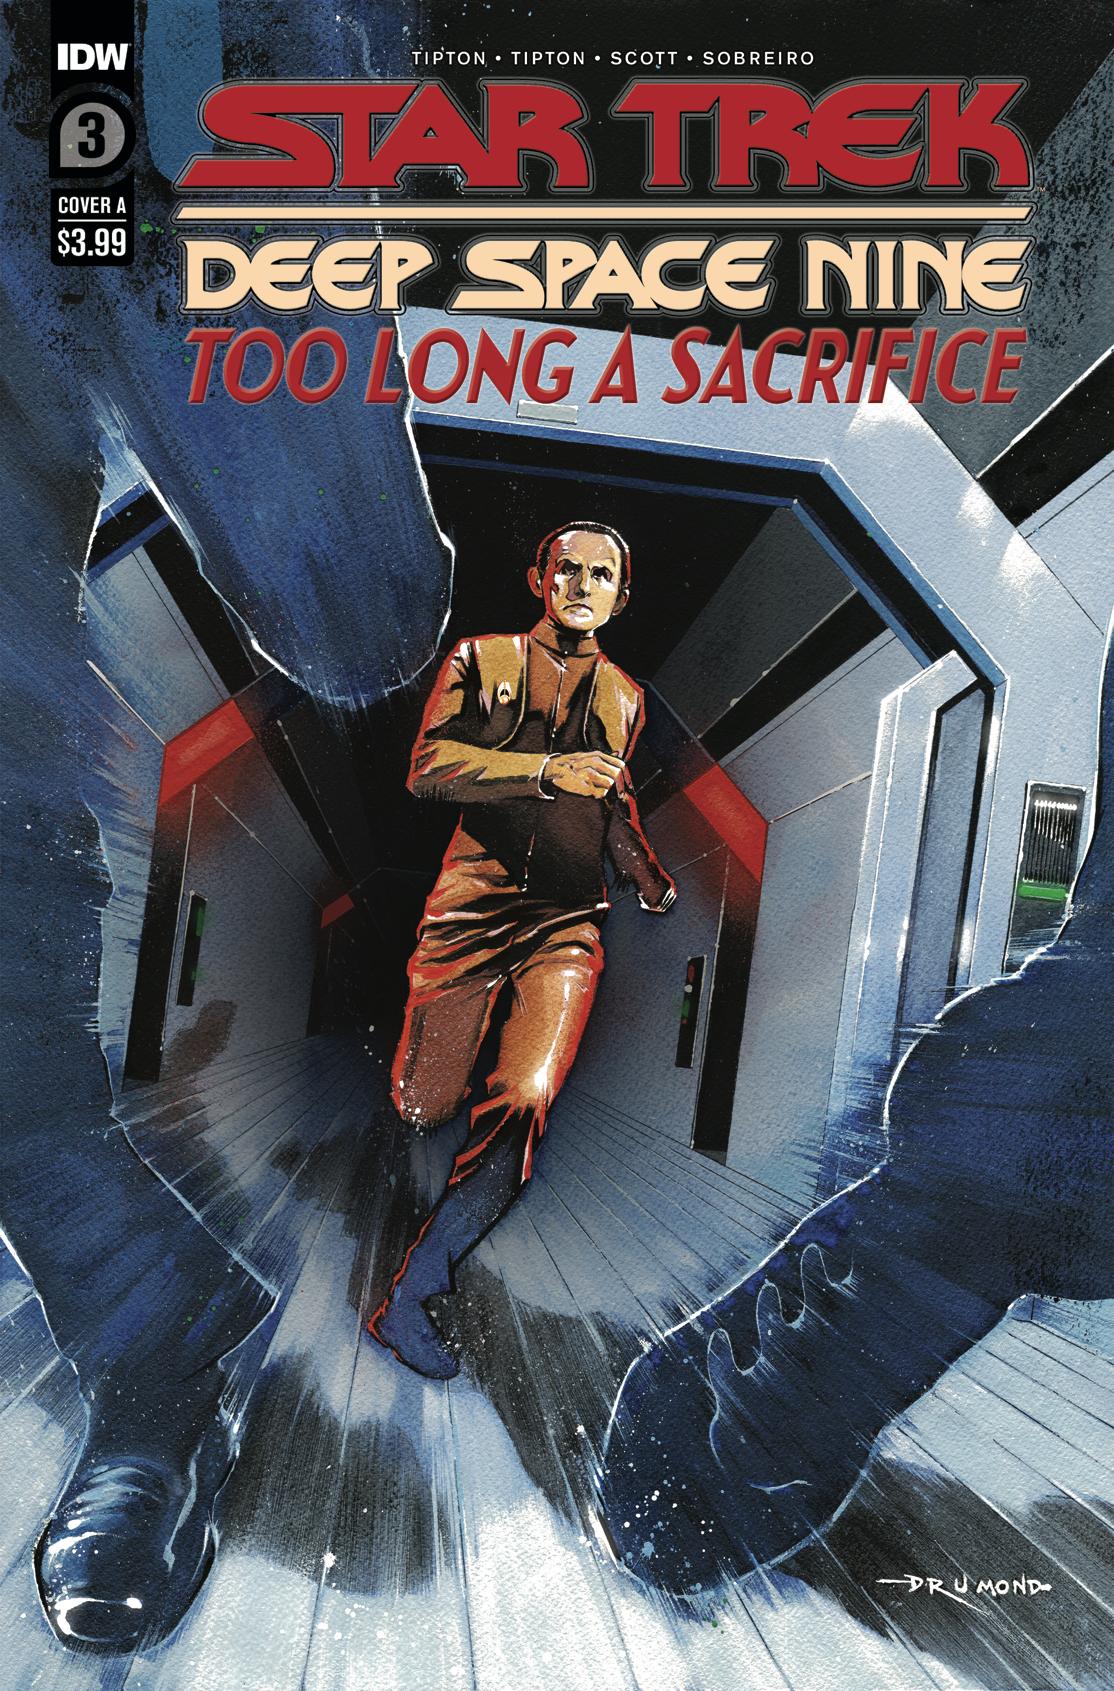 STAR TREK DS9 TOO LONG A SACRIFICE #3 CVR A DRUMOND